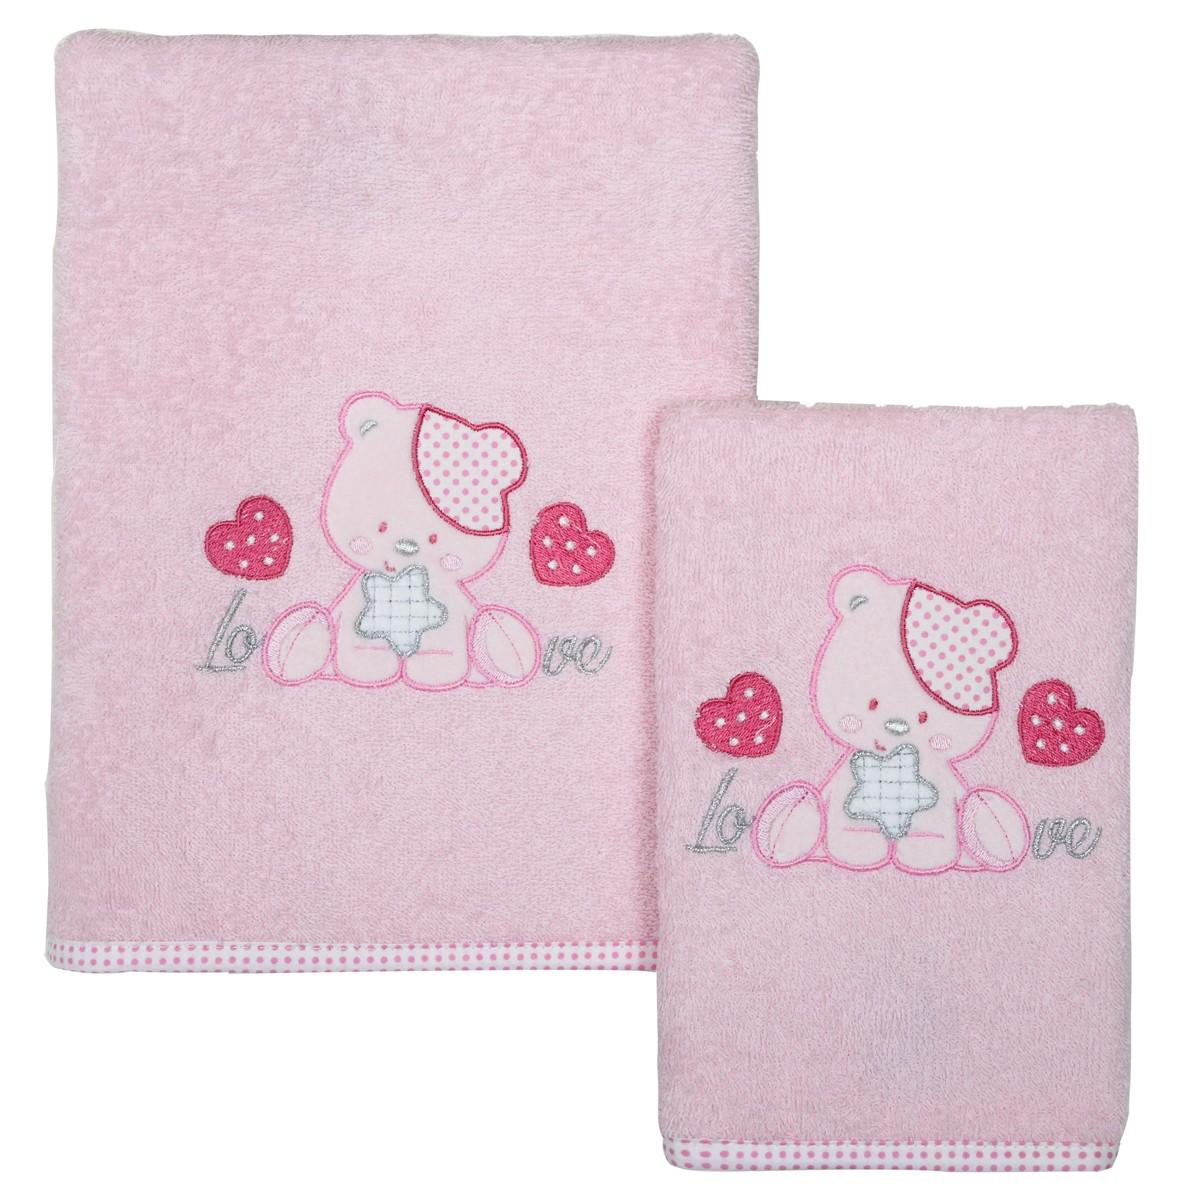 Βρεφικές Πετσέτες (Σετ 2τμχ) Das Home Smile Line 6433 78531